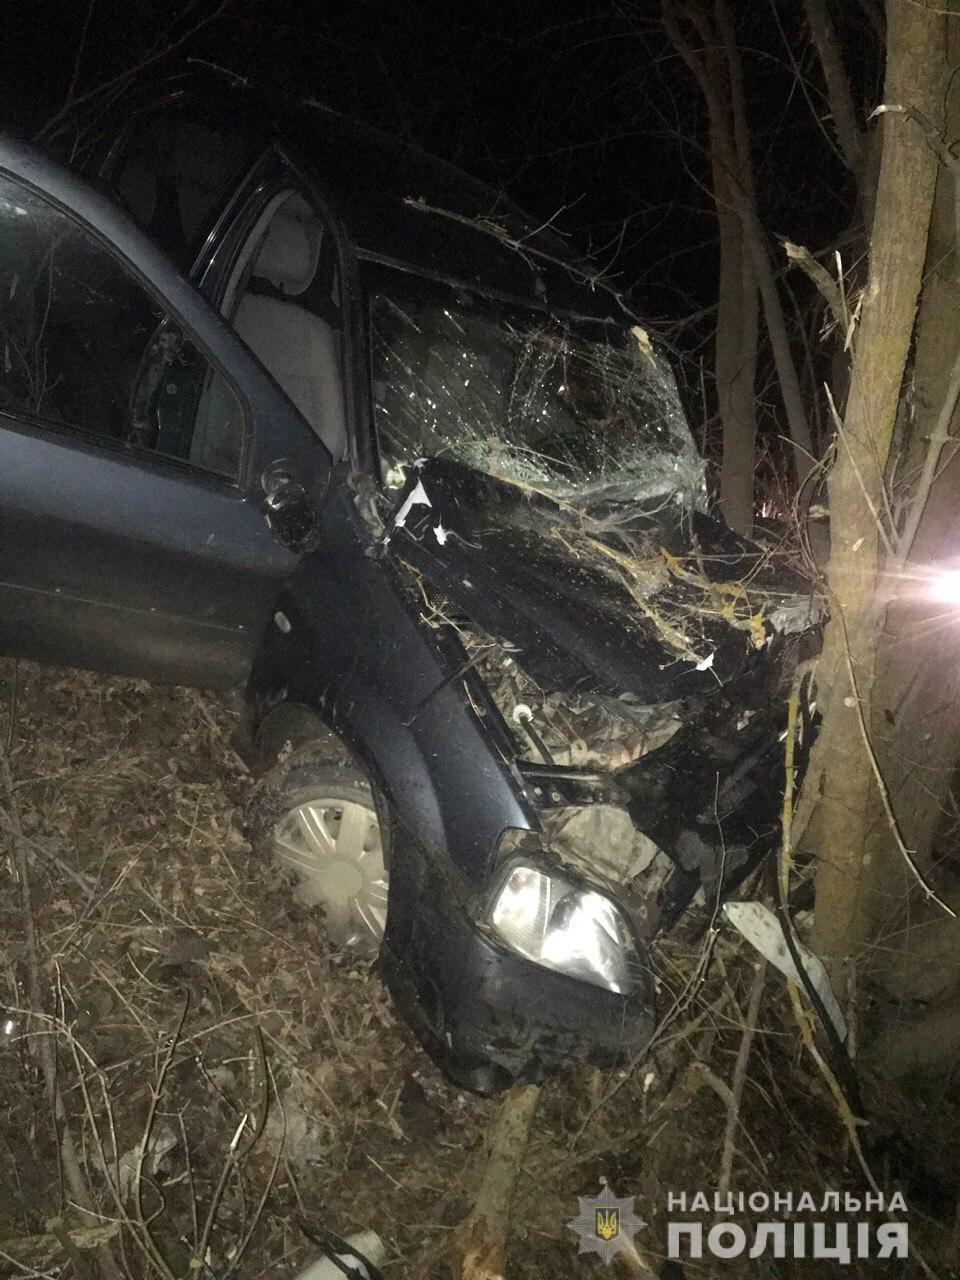 У Барському районі Dacia Logan з'їхав у кювет та зіткнувся з деревом (Фото)